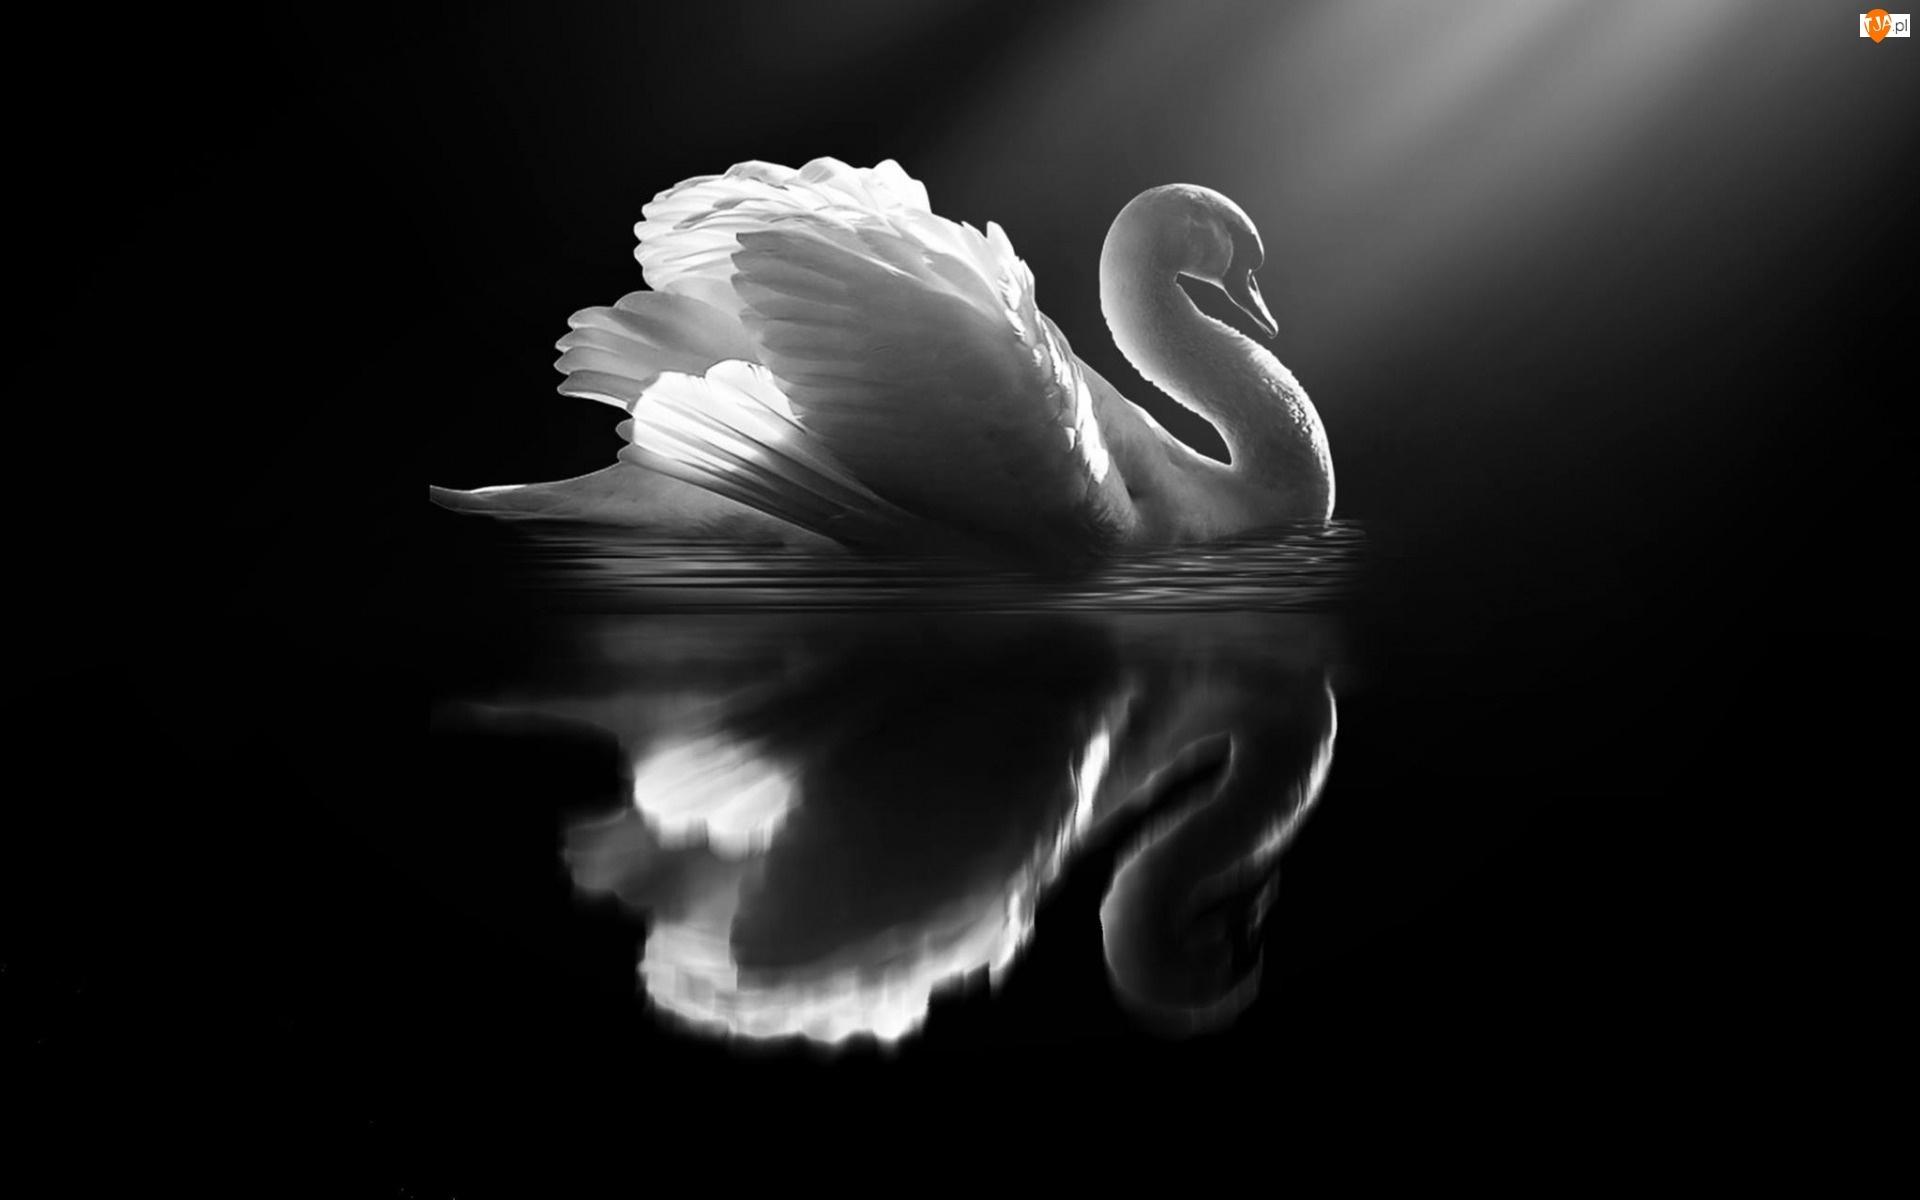 Łabędź, Białe, Ptak, Czarno